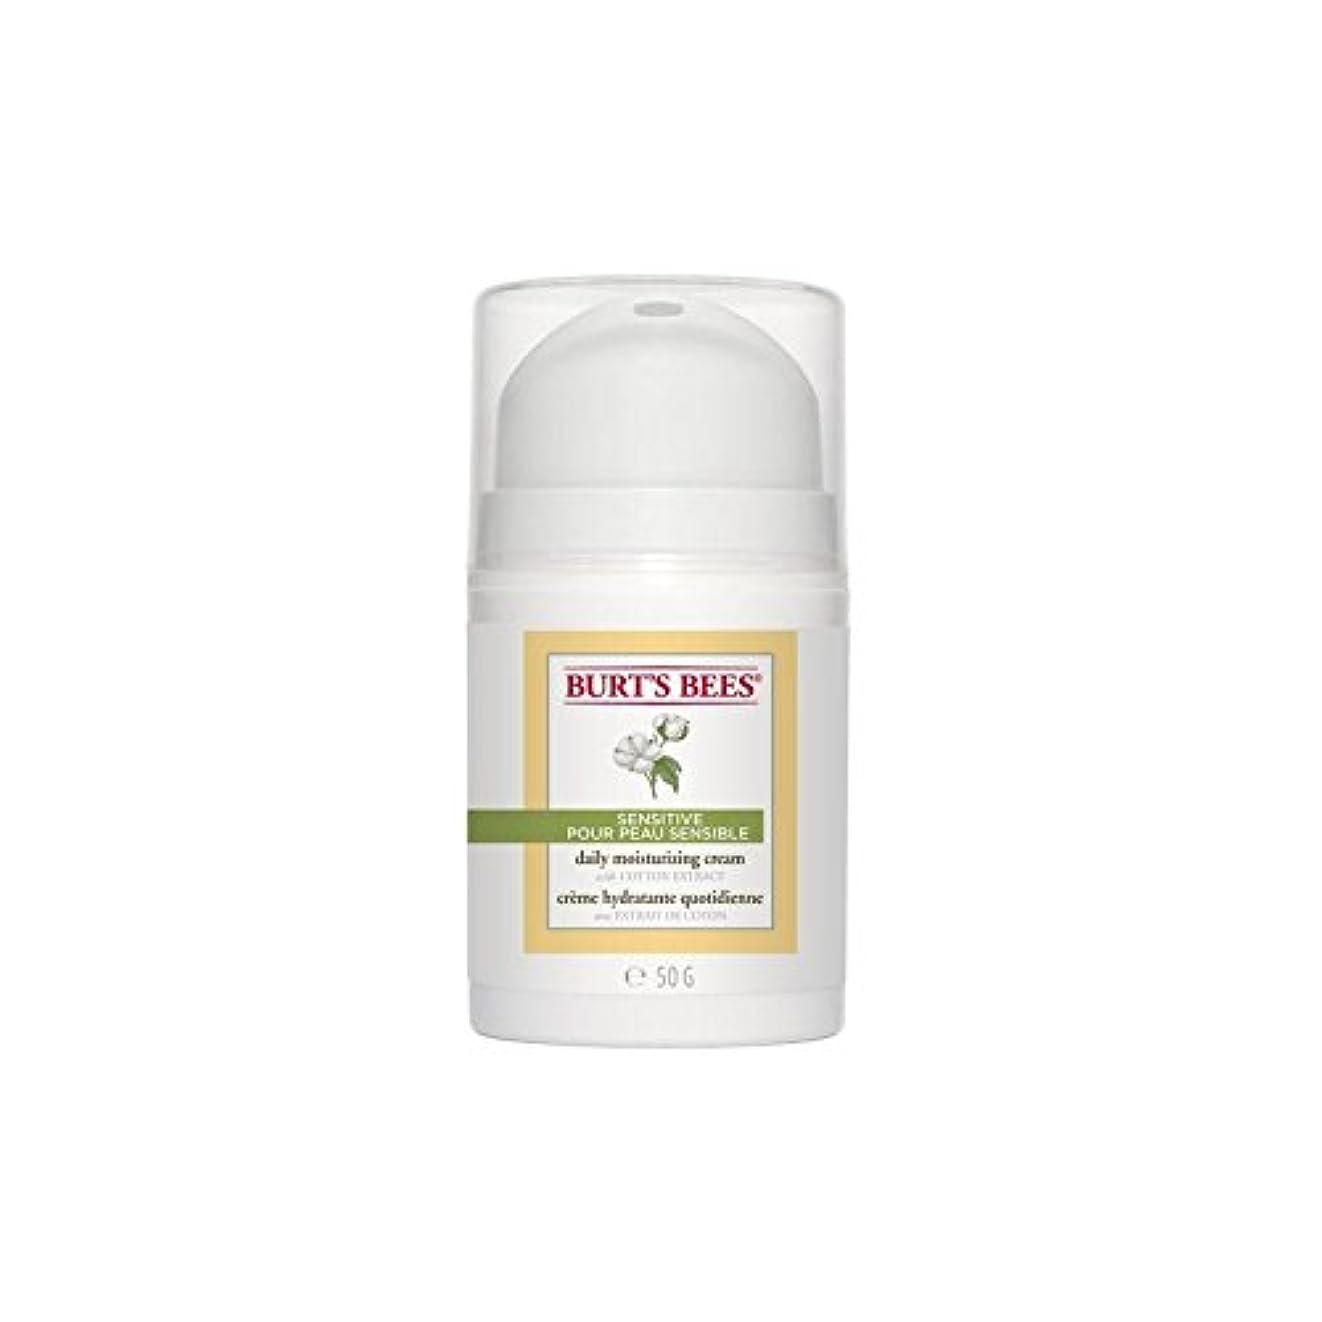 勃起ひどく受け取るバーツビー敏感毎日保湿クリーム50グラム x4 - Burt's Bees Sensitive Daily Moisturising Cream 50G (Pack of 4) [並行輸入品]